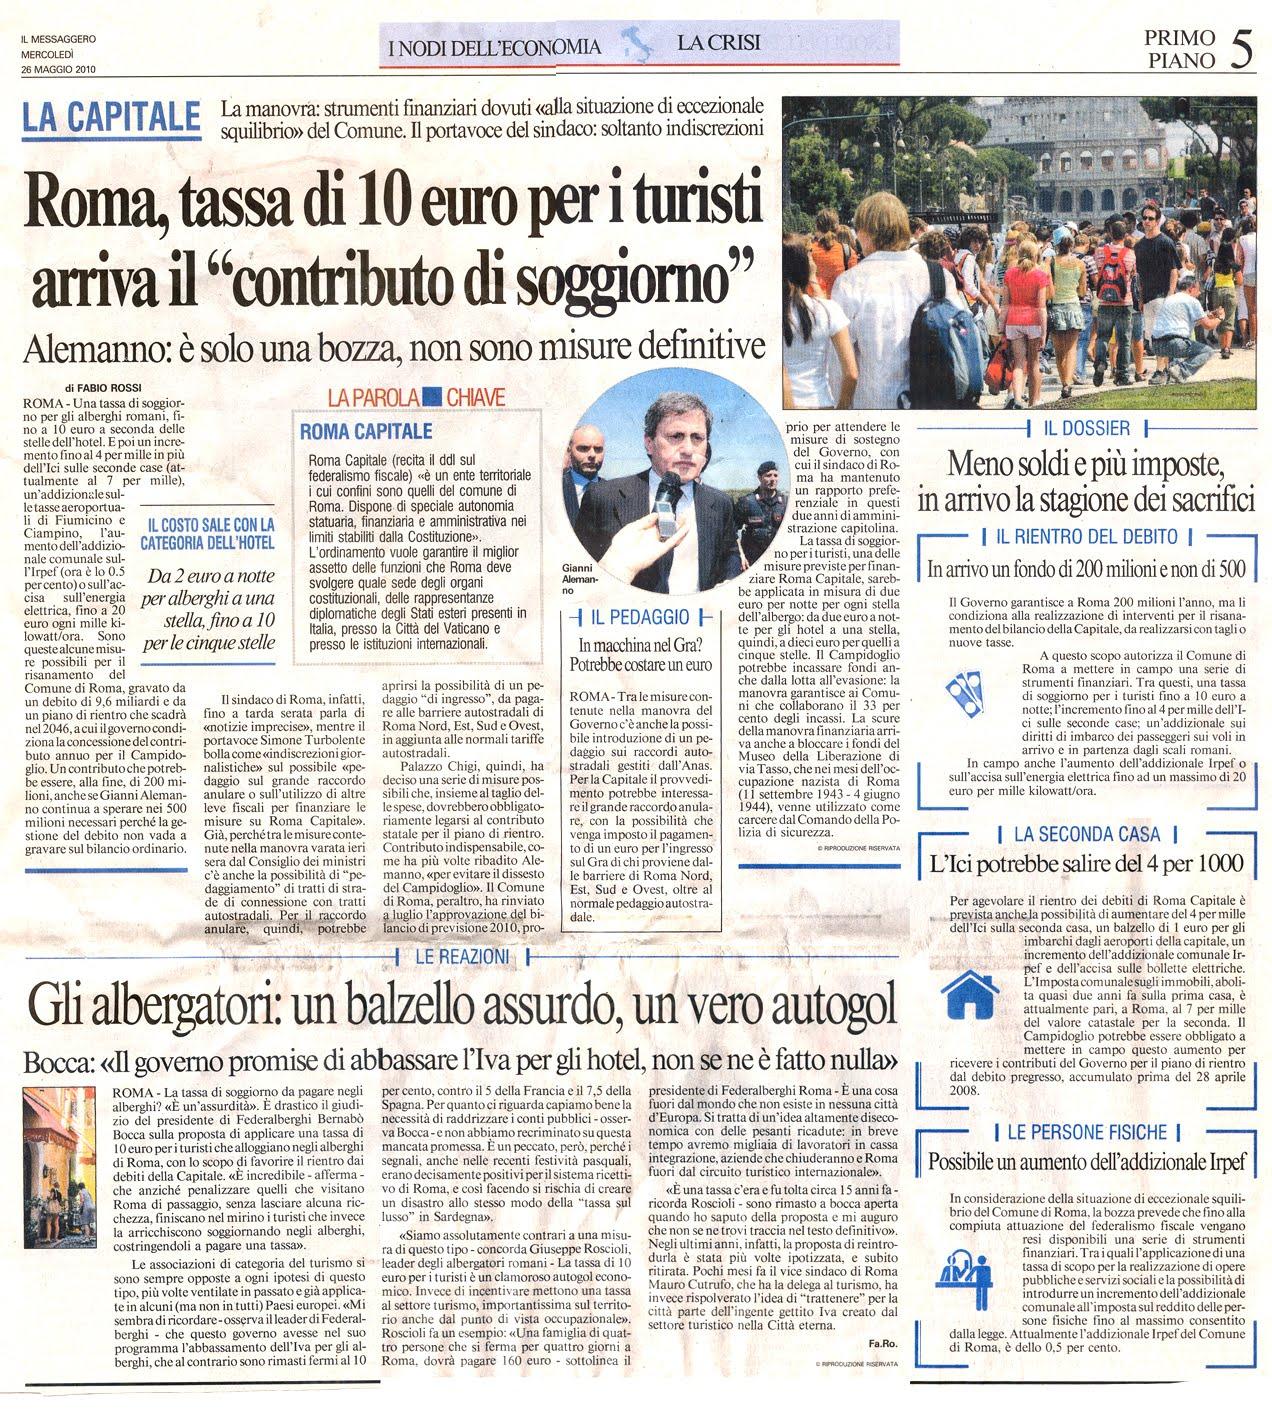 Stunning Comune Di Roma Tassa Di Soggiorno Images - Idee ...